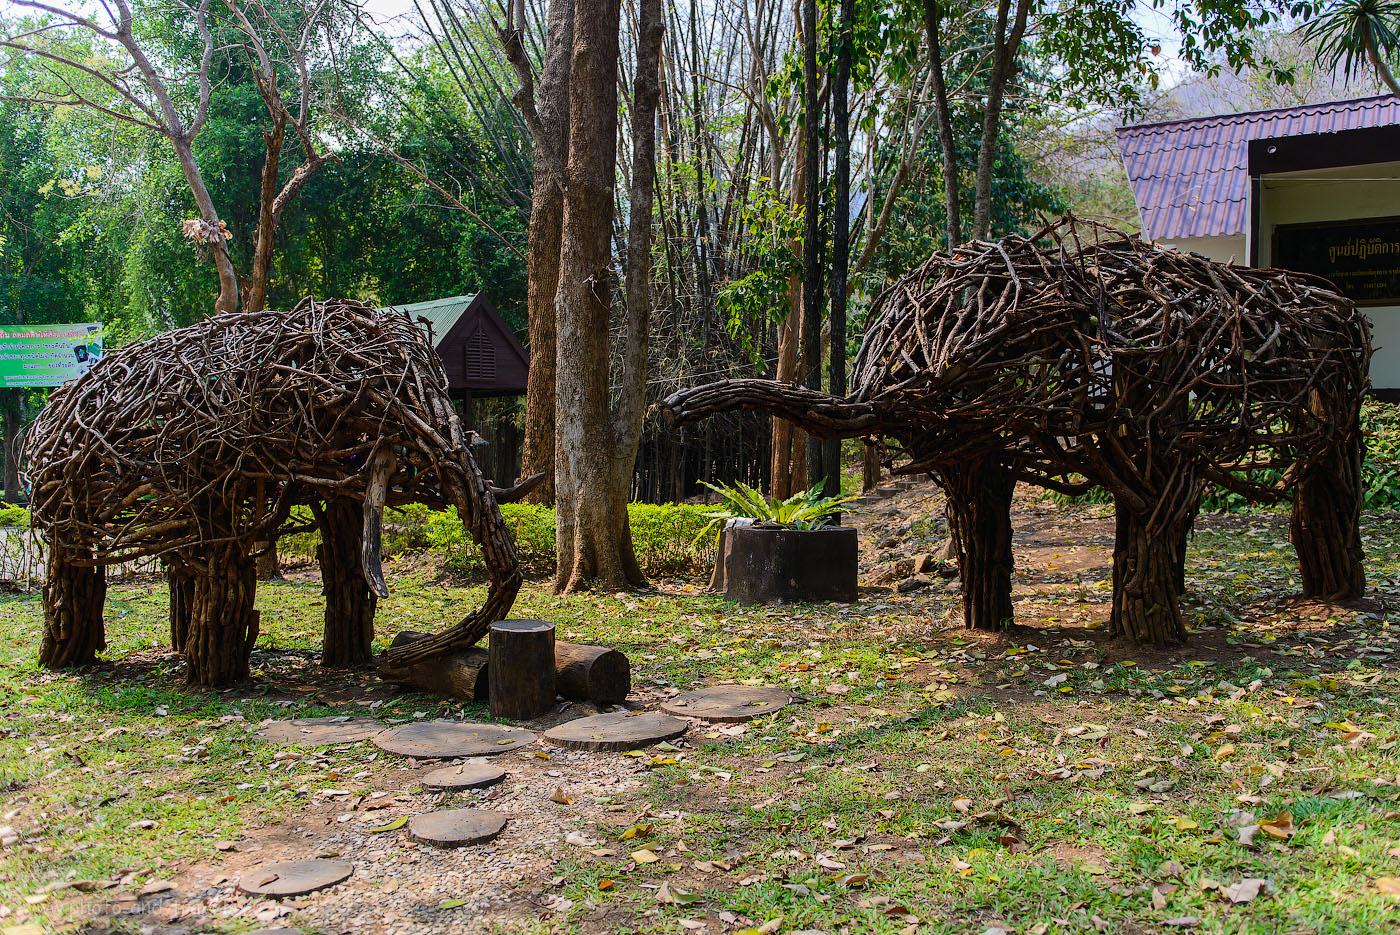 Фото 15. На какую экскурсию съездить из Паттайи самостоятельно. Рекомендую парк Эраван. Слоны в Erawan National Park (200, 26, 2.8, 1/500)